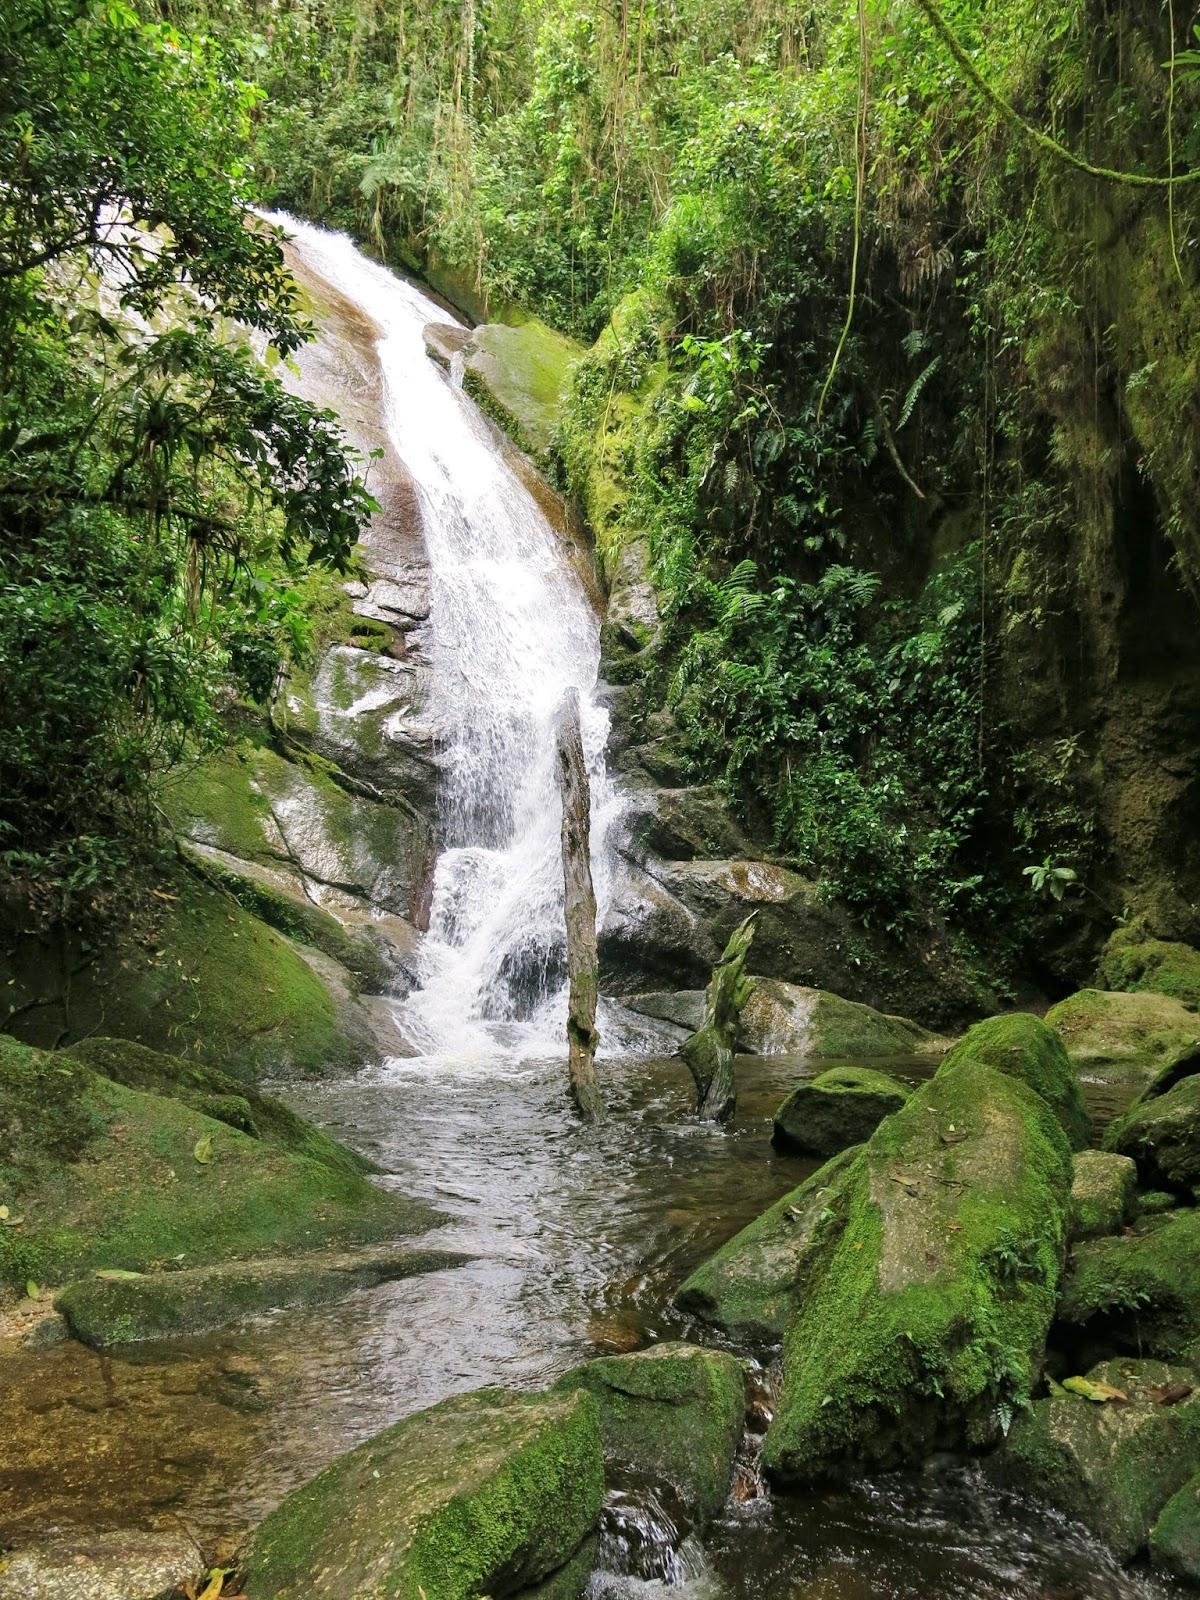 Cachoeira da Gruta do Granito, no Vale do Alcantilado, em Visconde de Mauá.